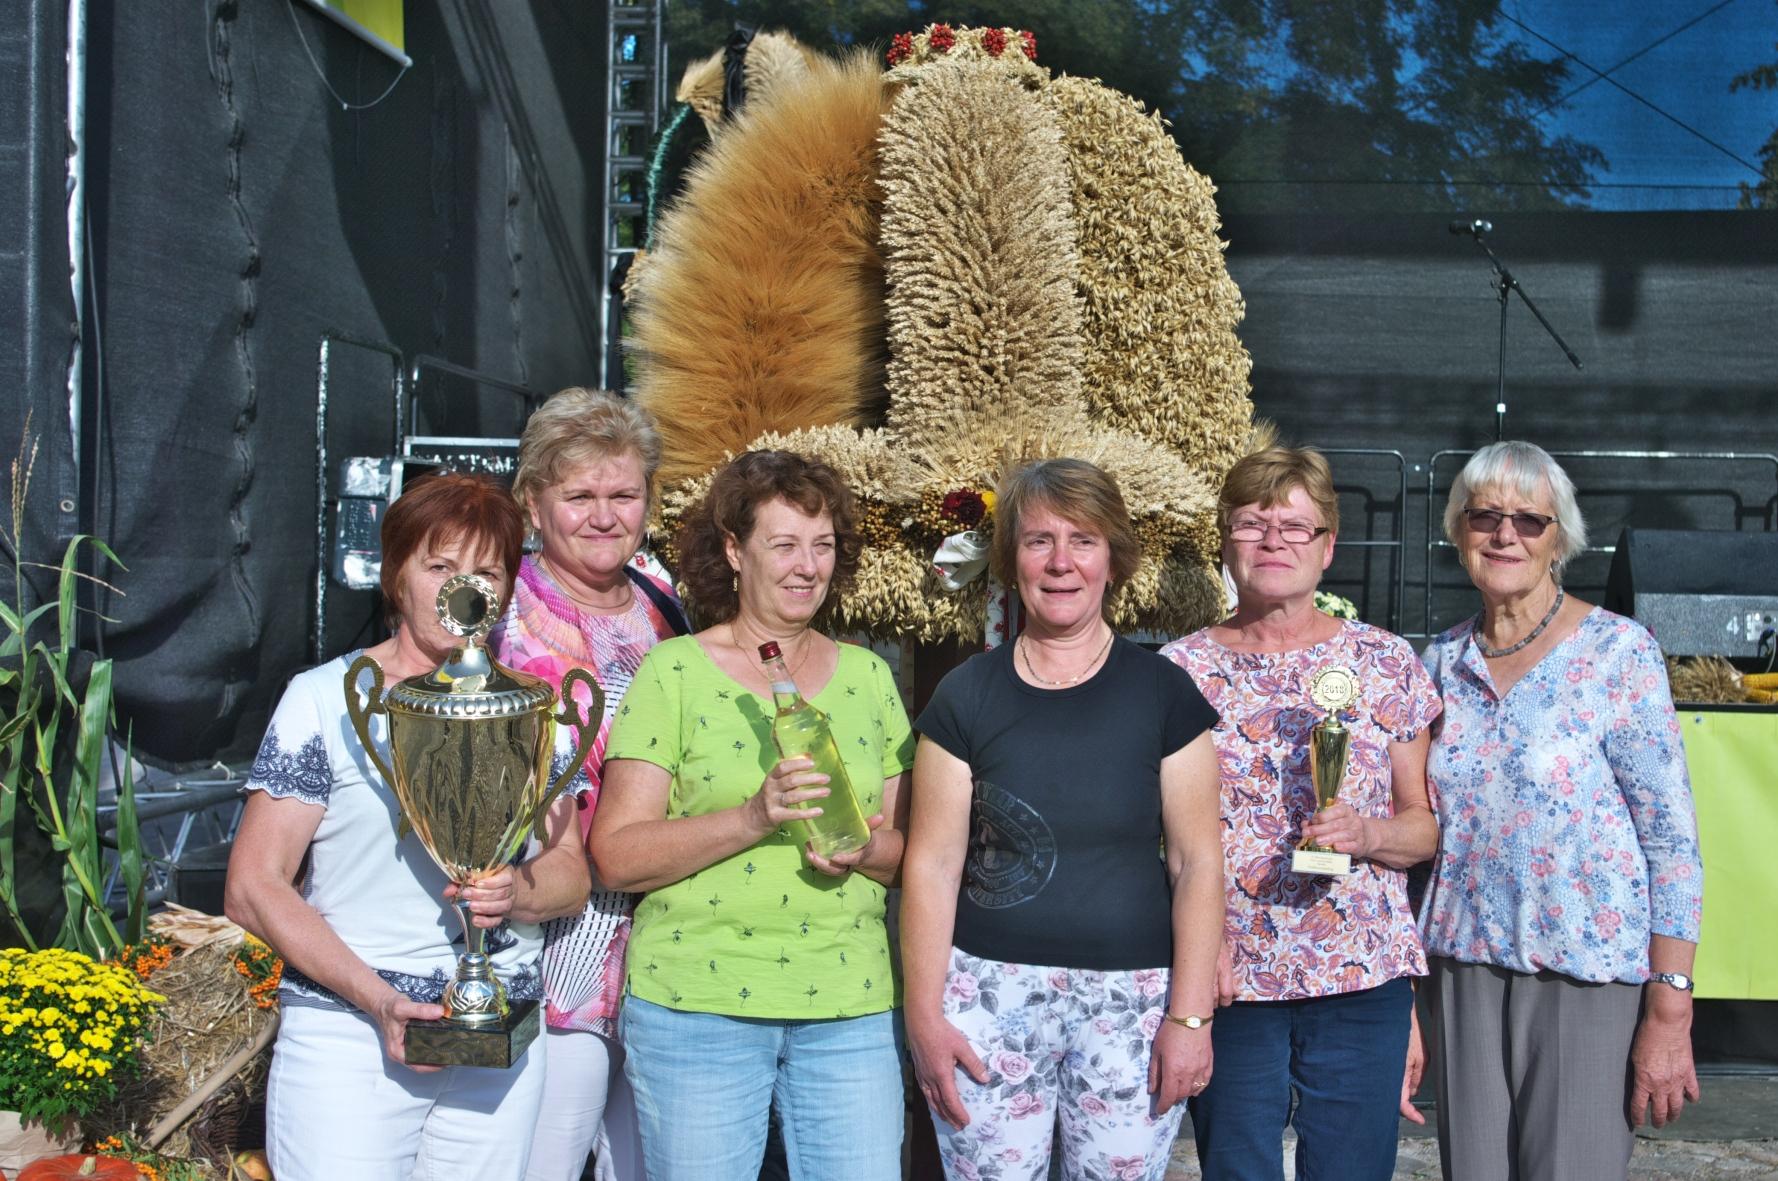 Ortsgruppe Falkenberg, Sieger beim Erntekronenwettbewerb 2018